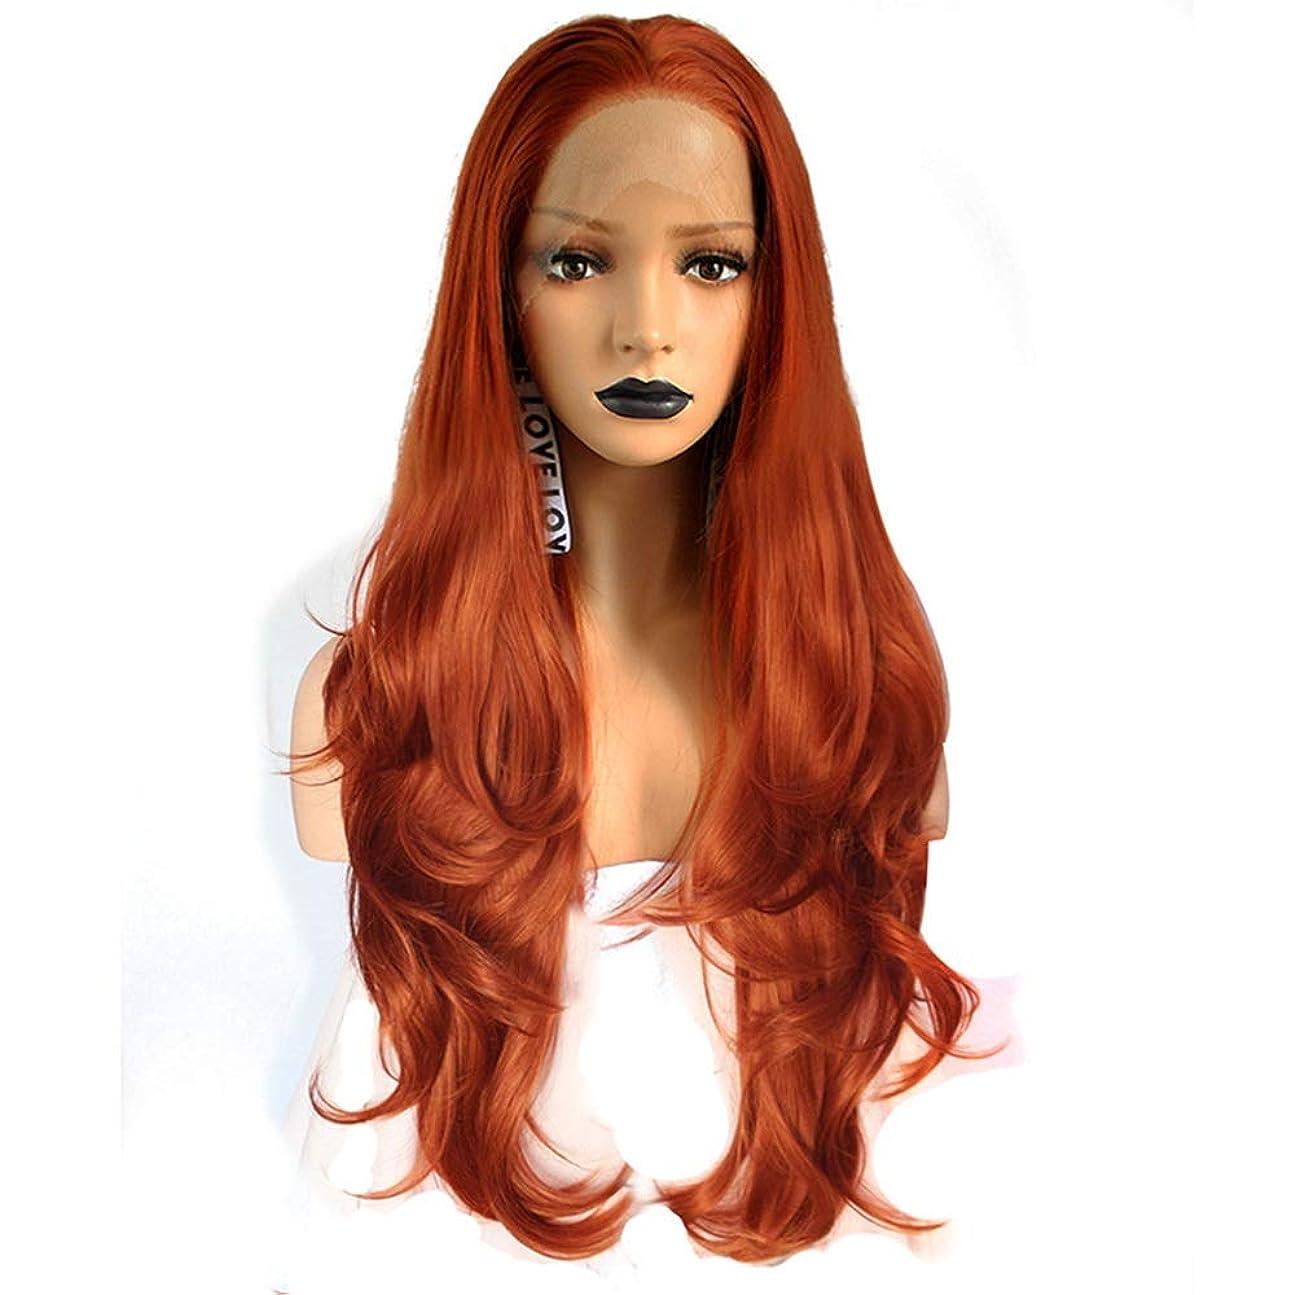 線形名前工業化するZXF 高密度ホリデーヘア女性ヨーロッパとアメリカの化学繊維かつらヘッドギア銅大波巻き毛フロントバッドシルクスクリーンリアルなナチュラル 美しい (Size : 20 inches)